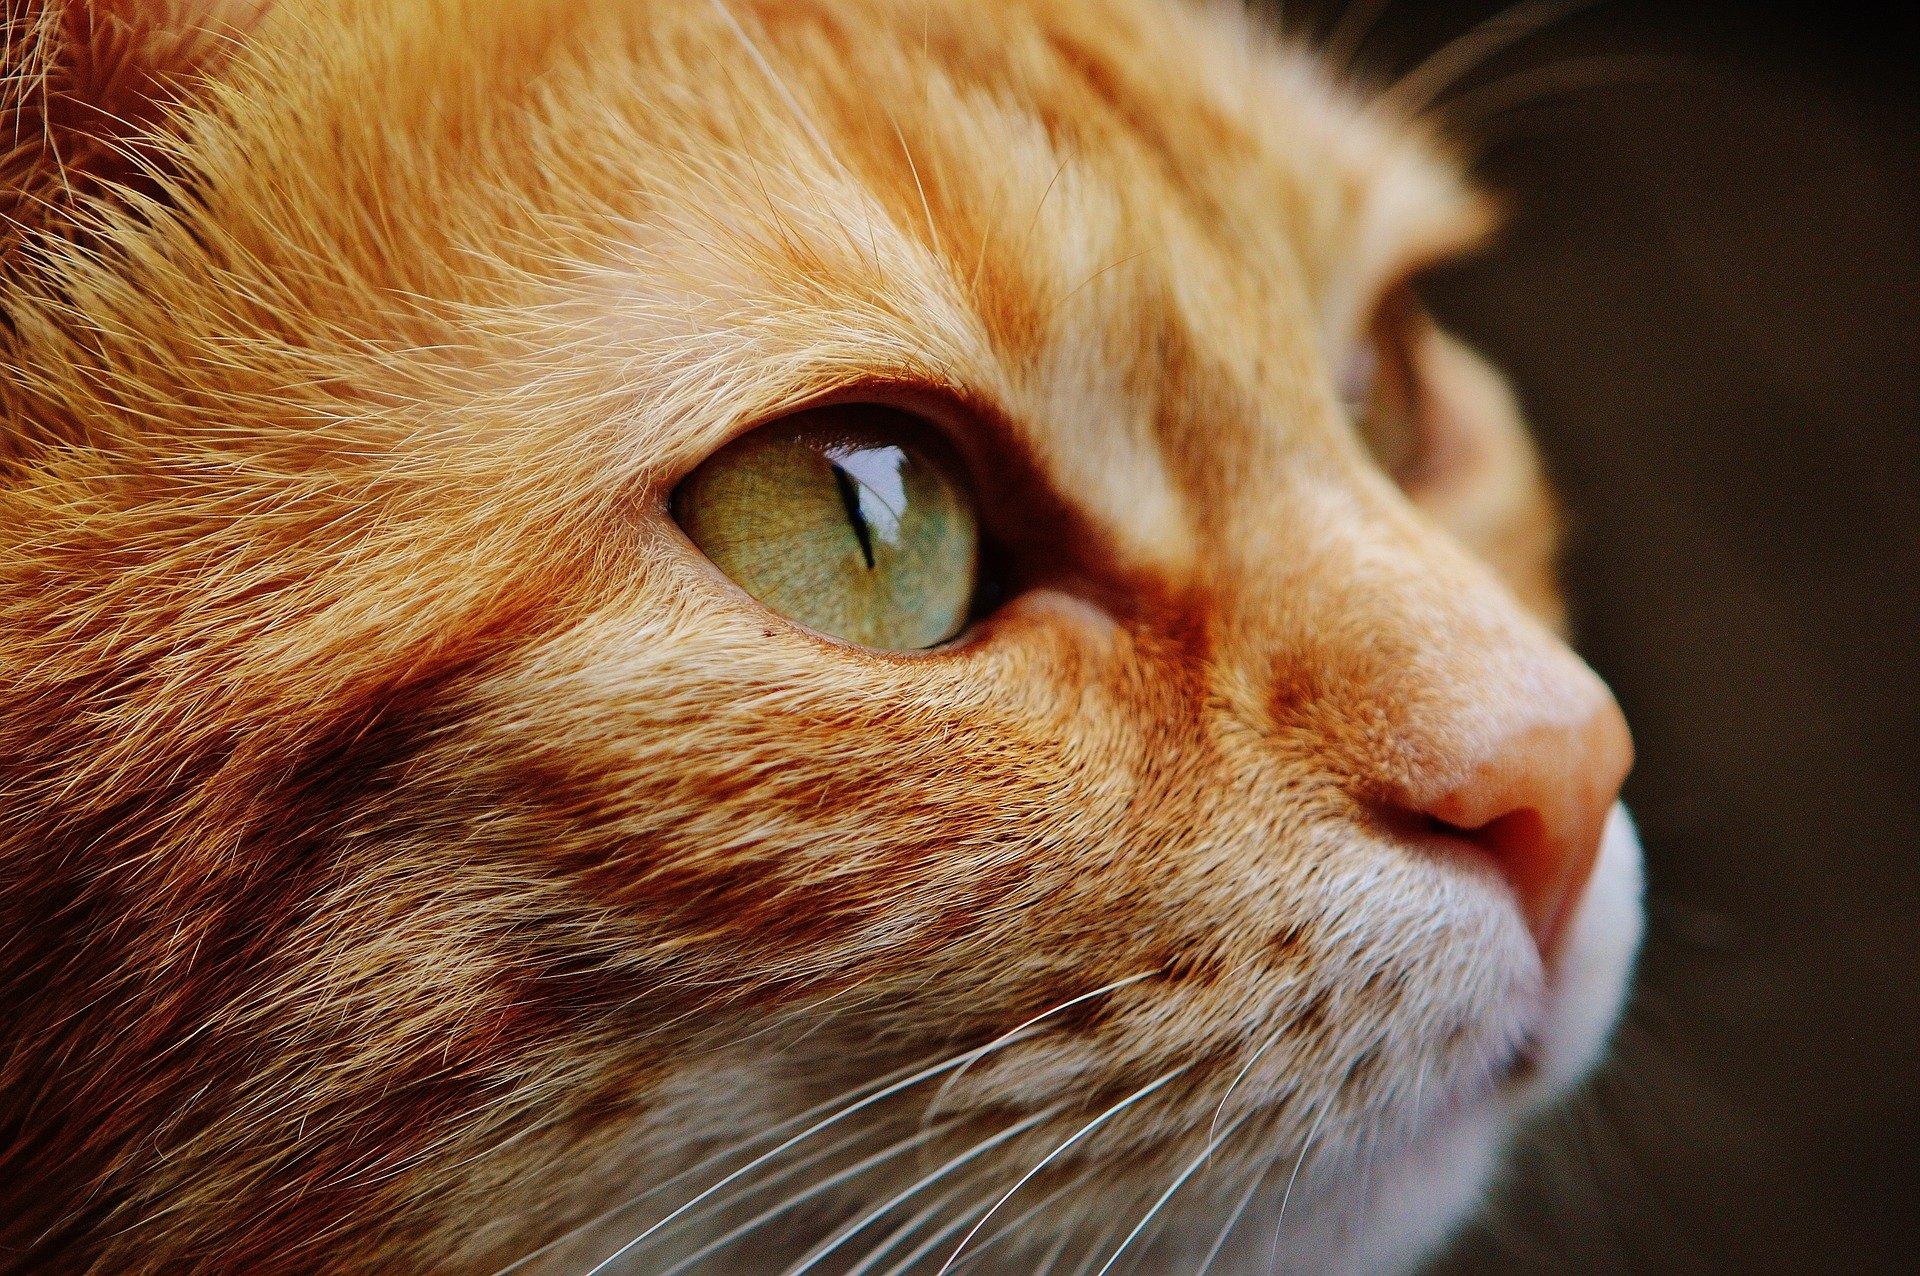 Die Augen von Katzen haben eine ziemlich ausgeprägte Struktur, die sich von der Anatomie des menschlichen Auges sehr unterscheidet.